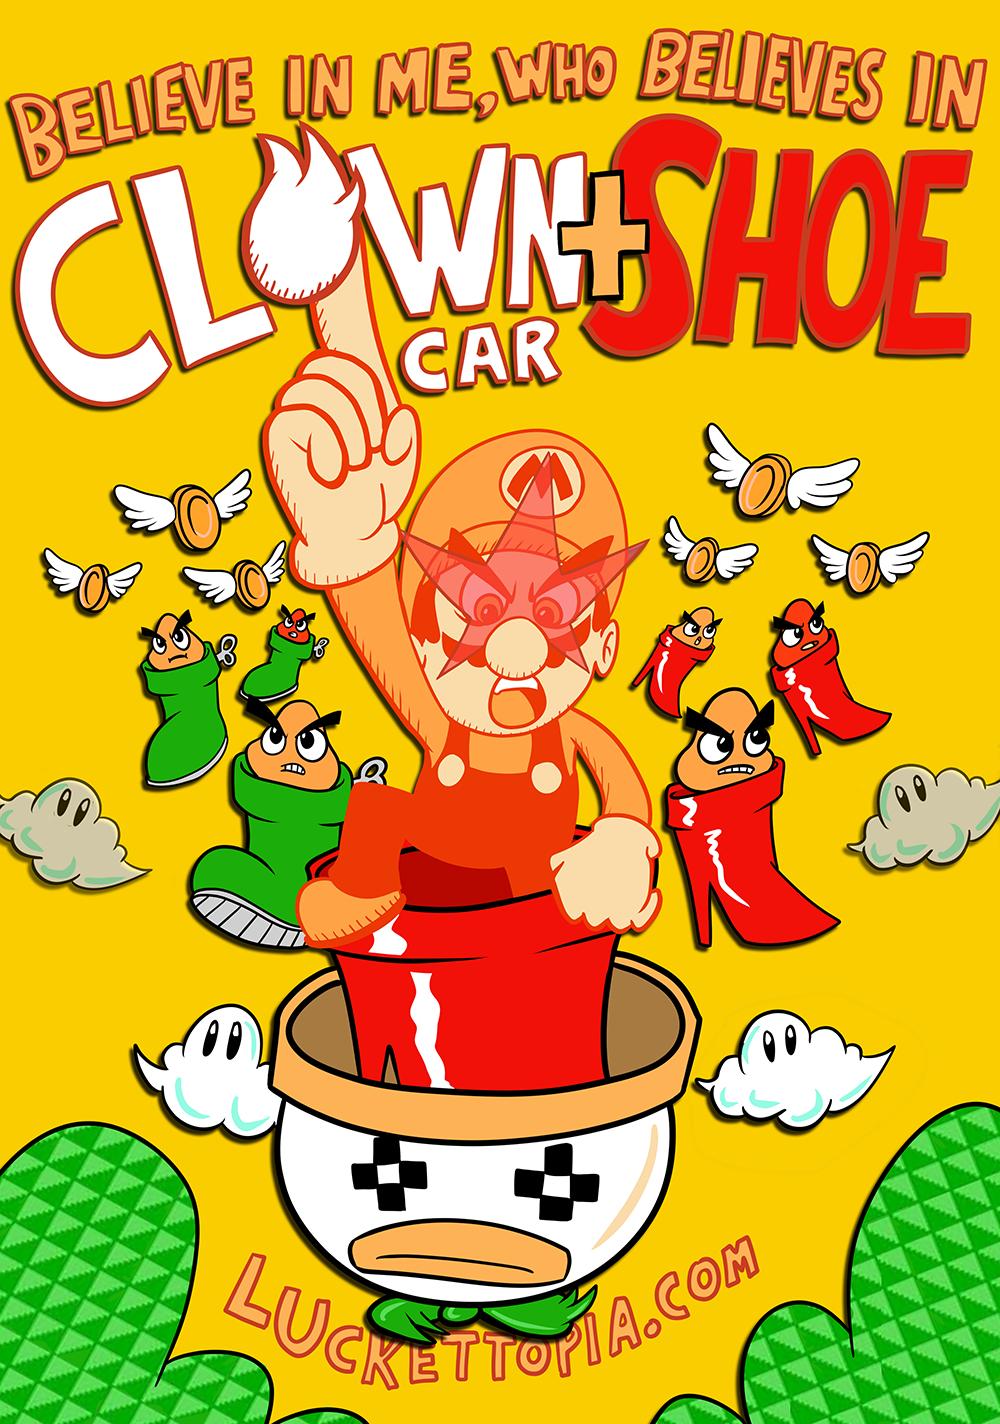 Believe in Me, Who Believes In Clown Car+Shoe by luckettx